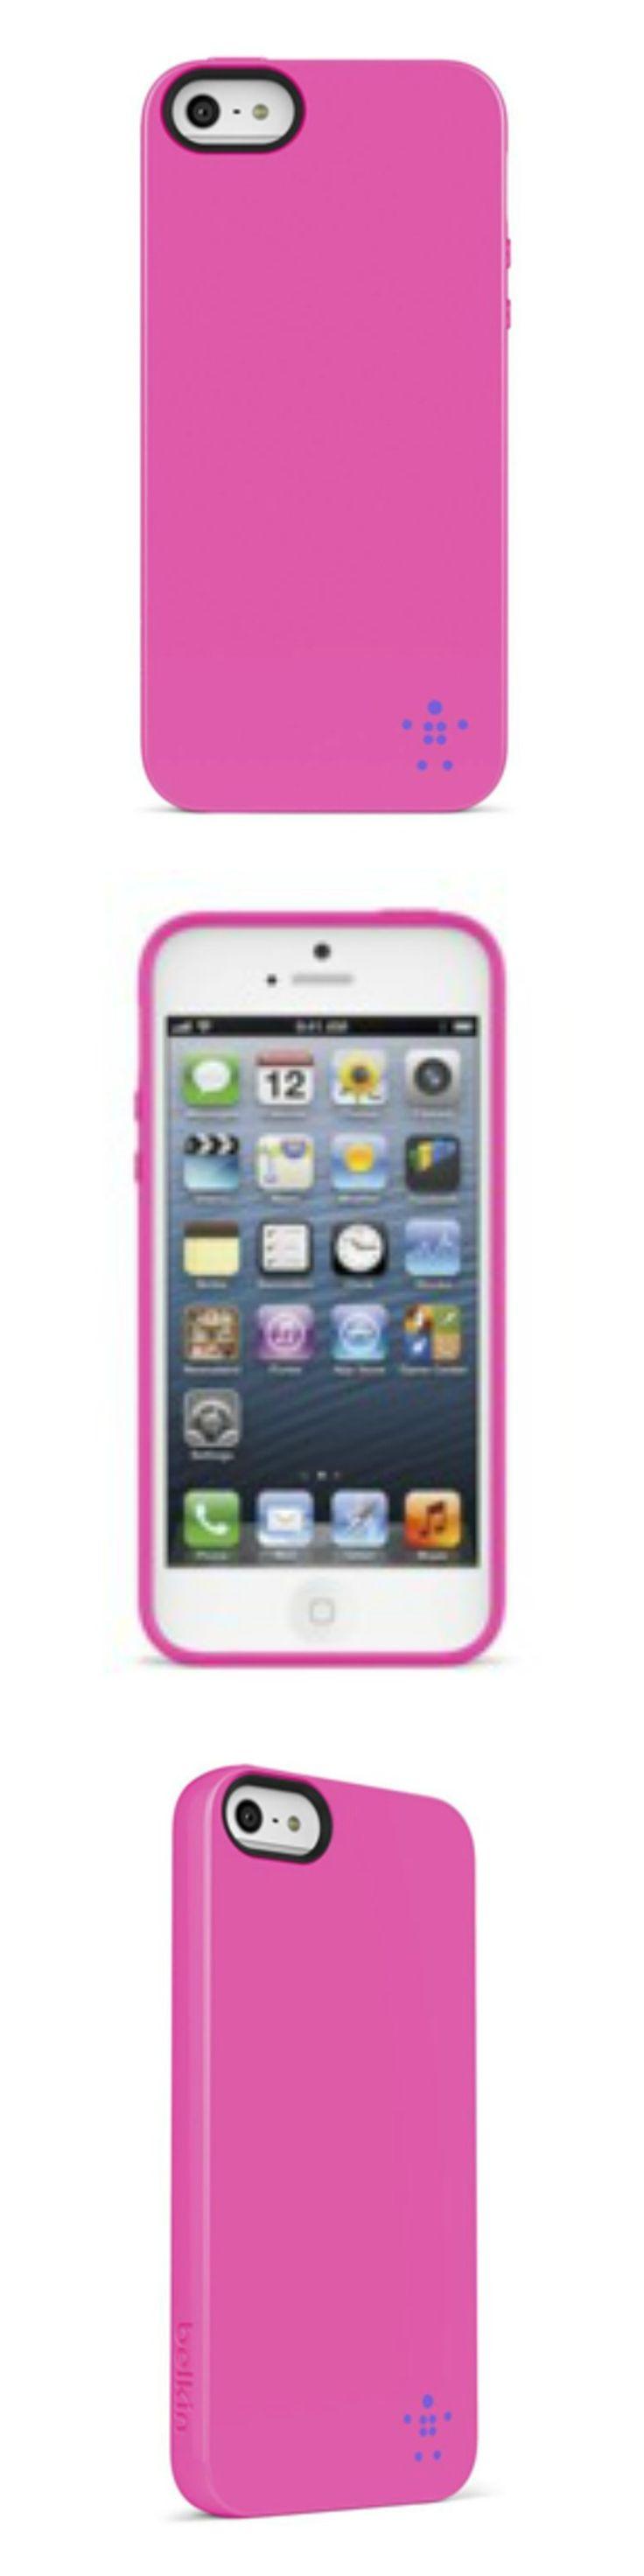 Belkin Grip Neon Glo Case for iPhone 5 Belkin Grip Neon Glo Case for